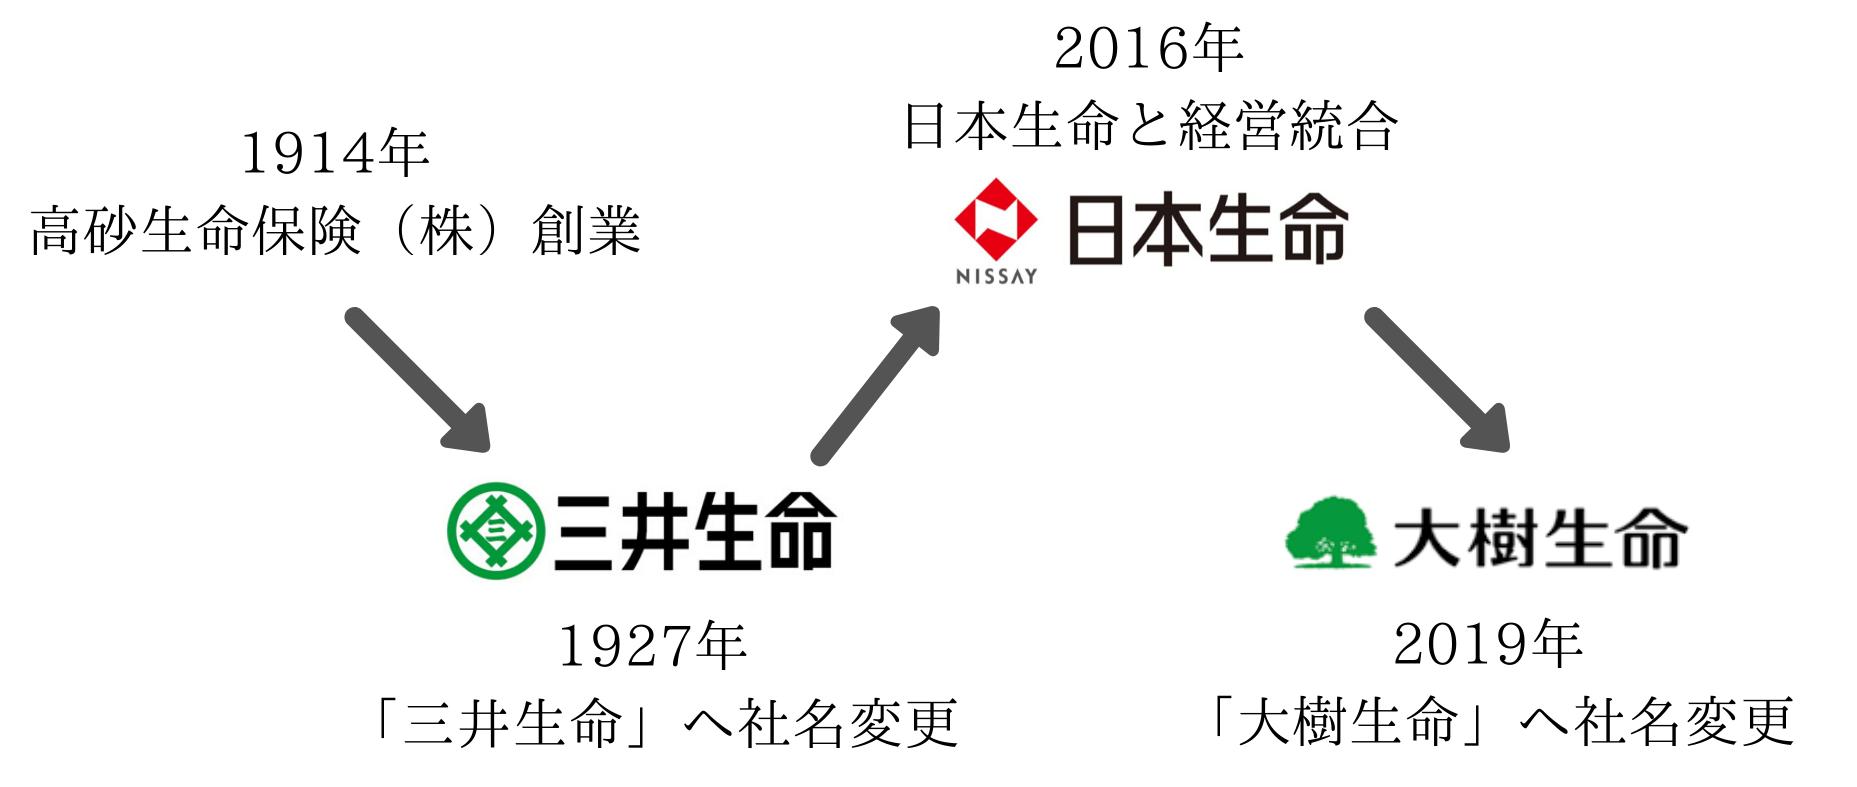 大樹生命の歴史